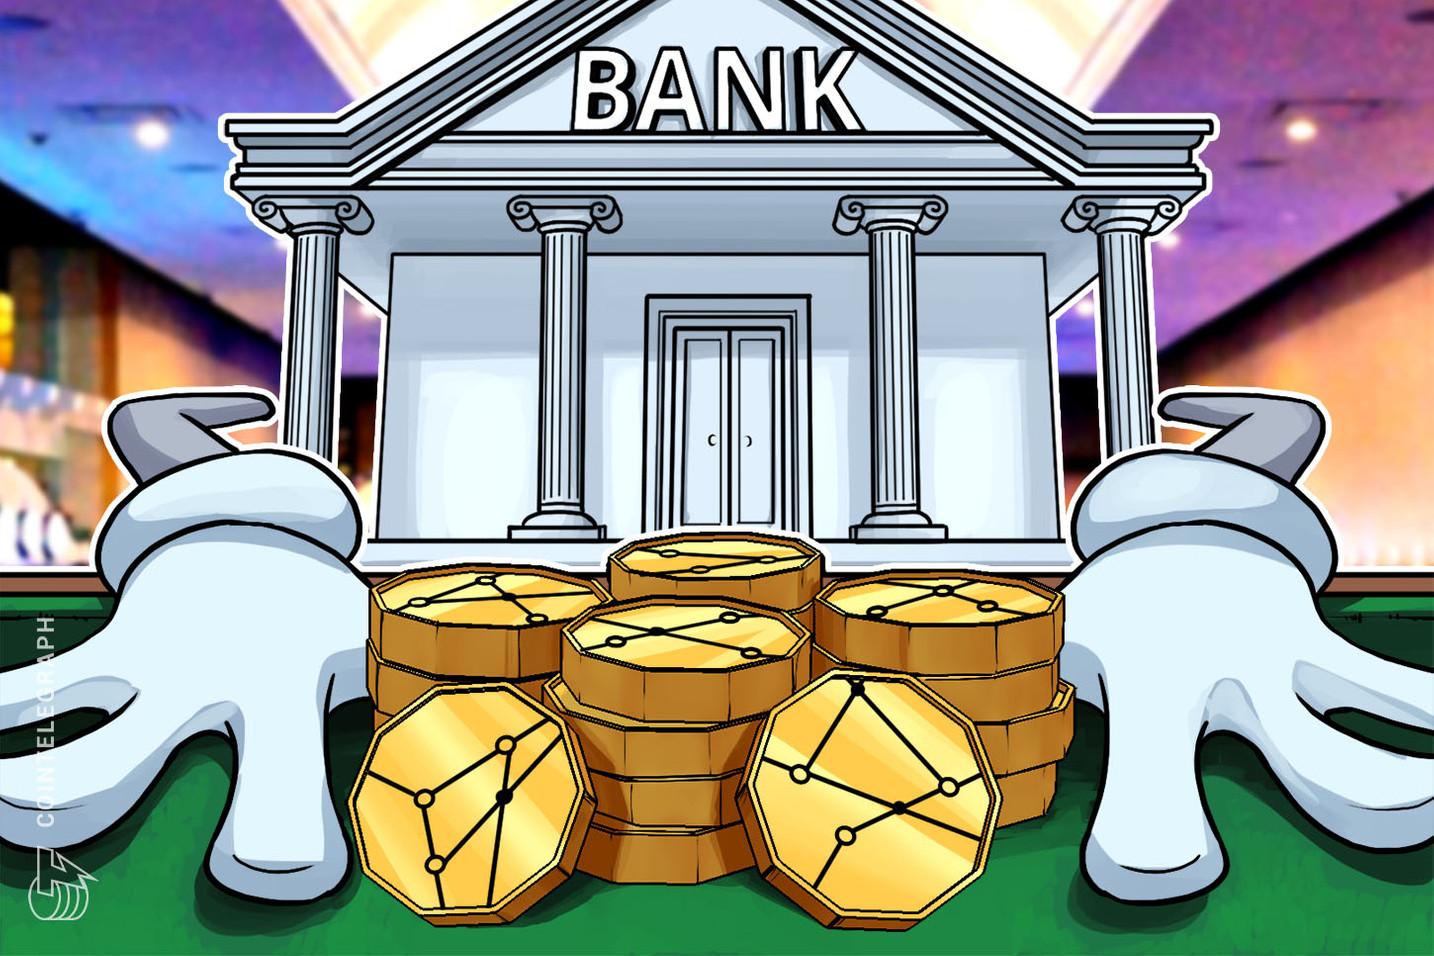 El quinto banco más grande del mundo, MUFG, pondrá en práctica su Stablecoin en 2019